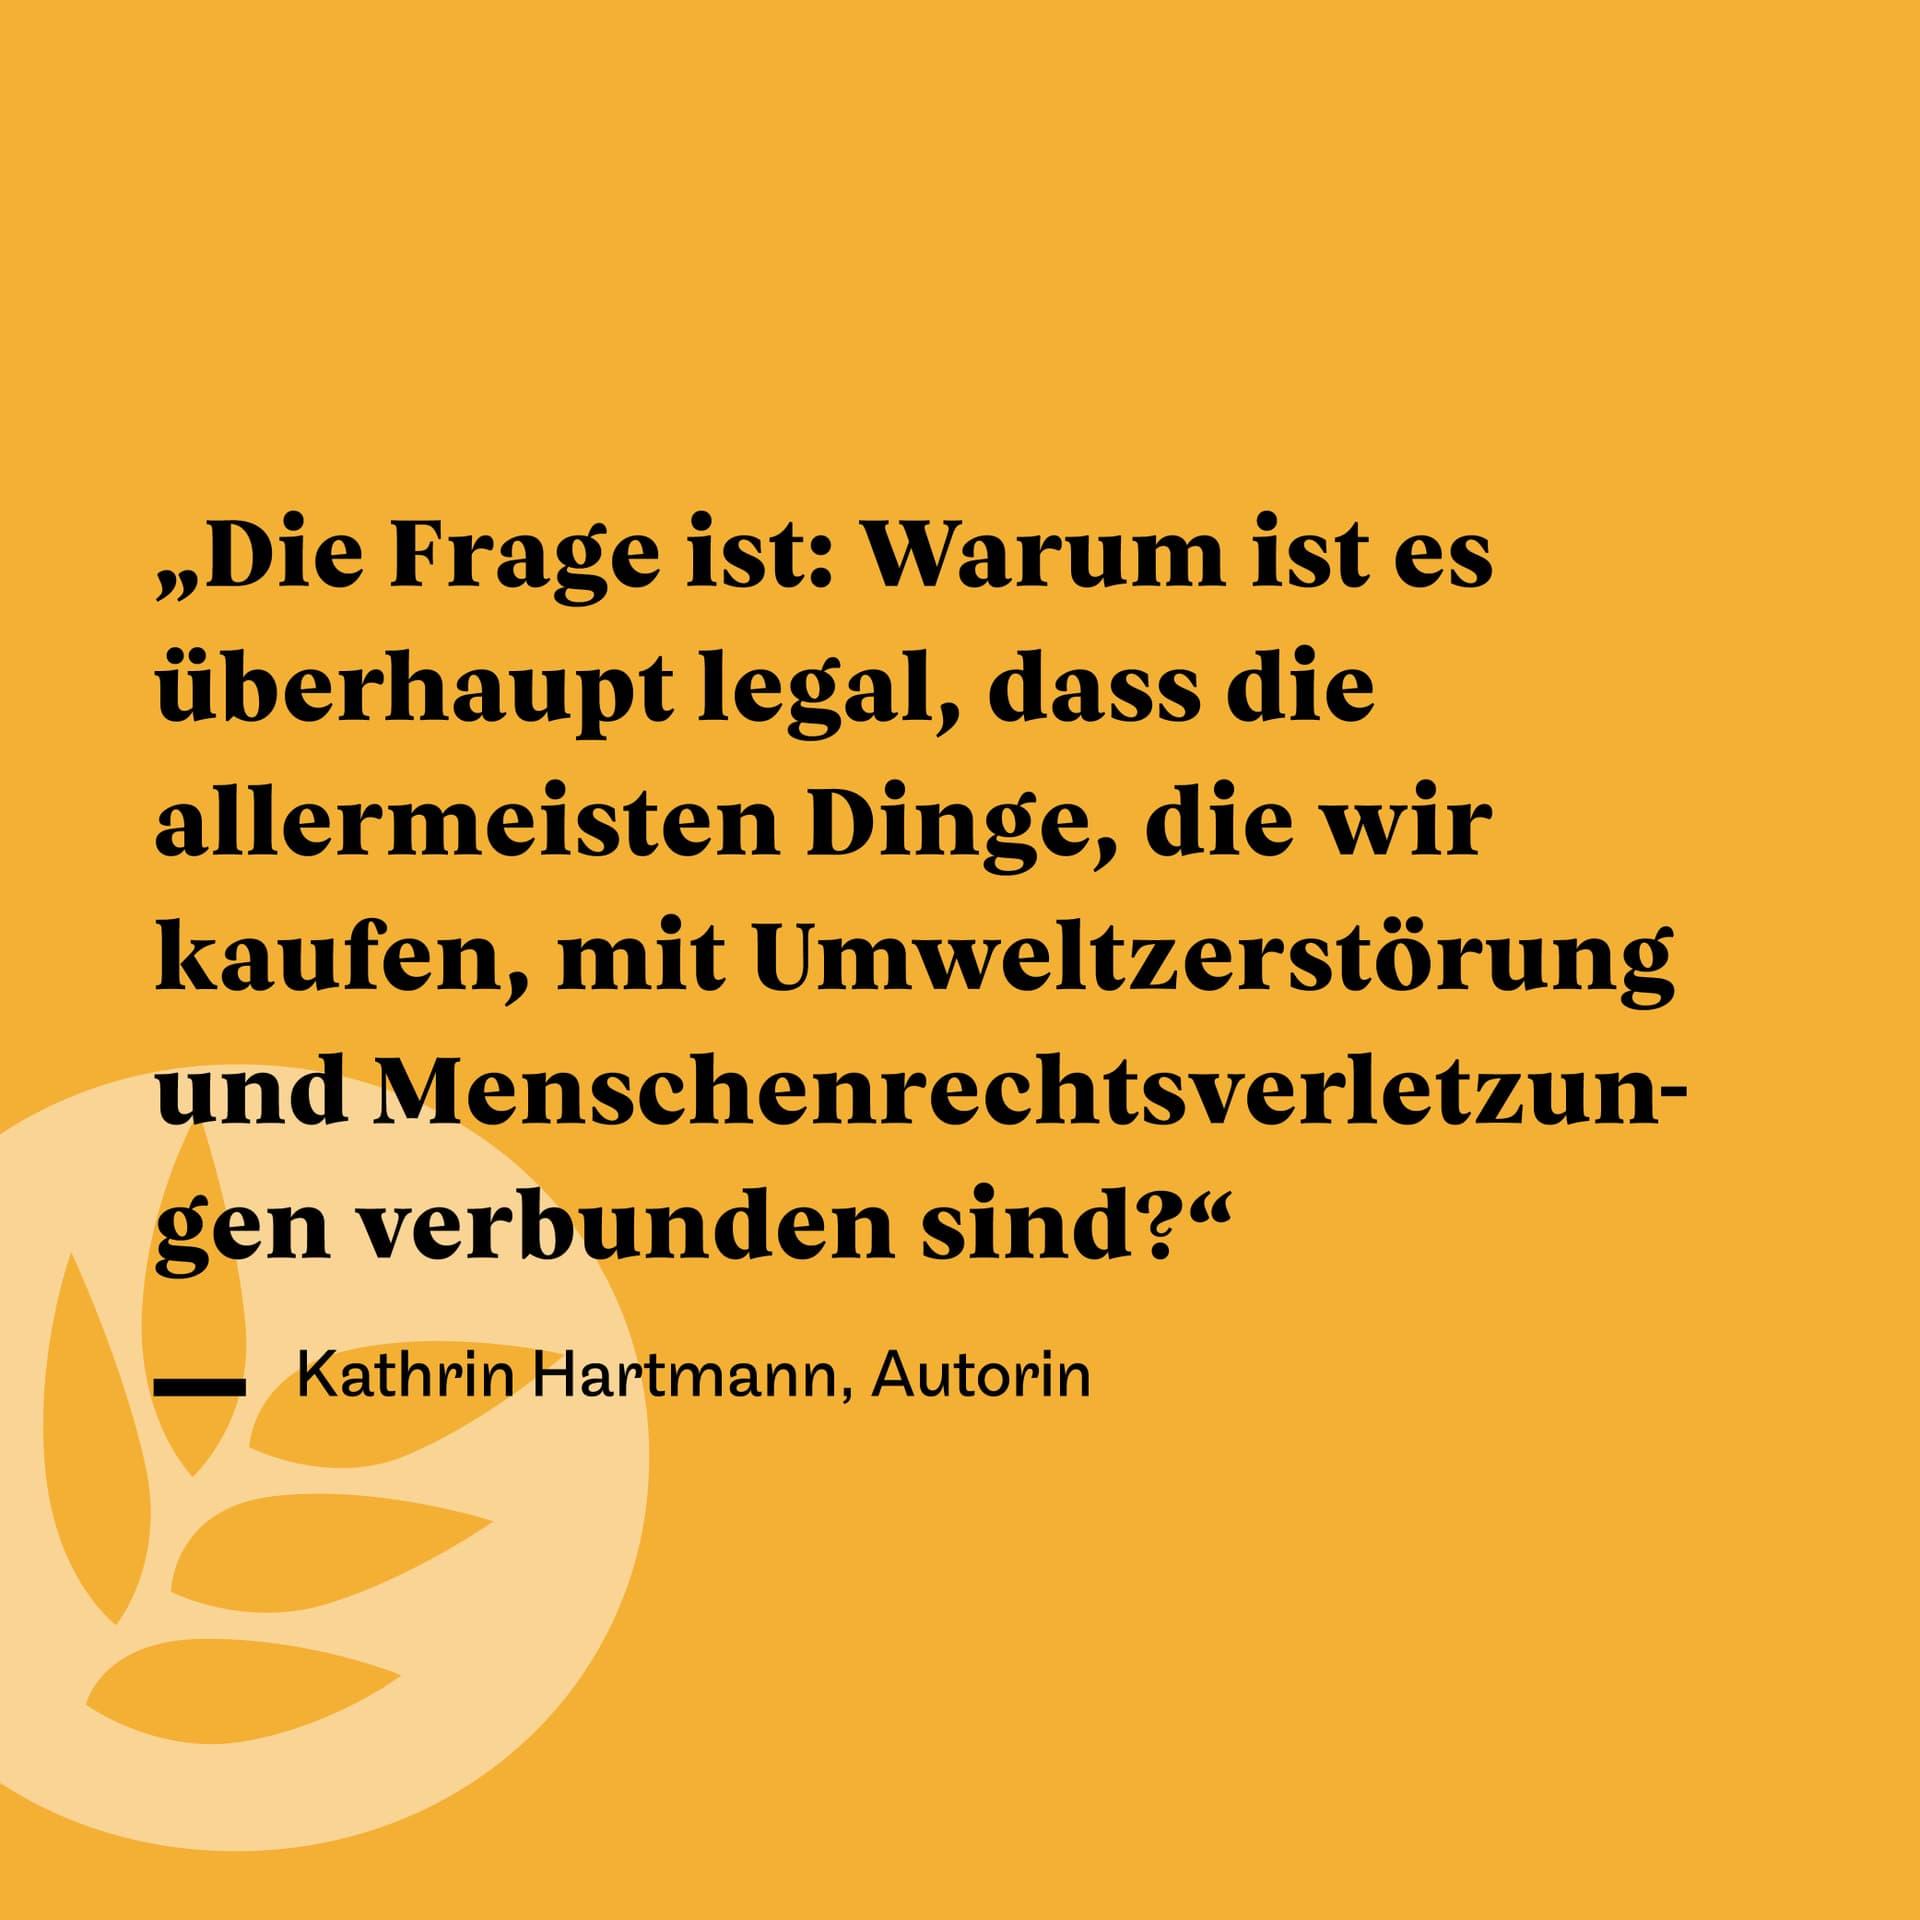 Zitat Kathrin Hartmann